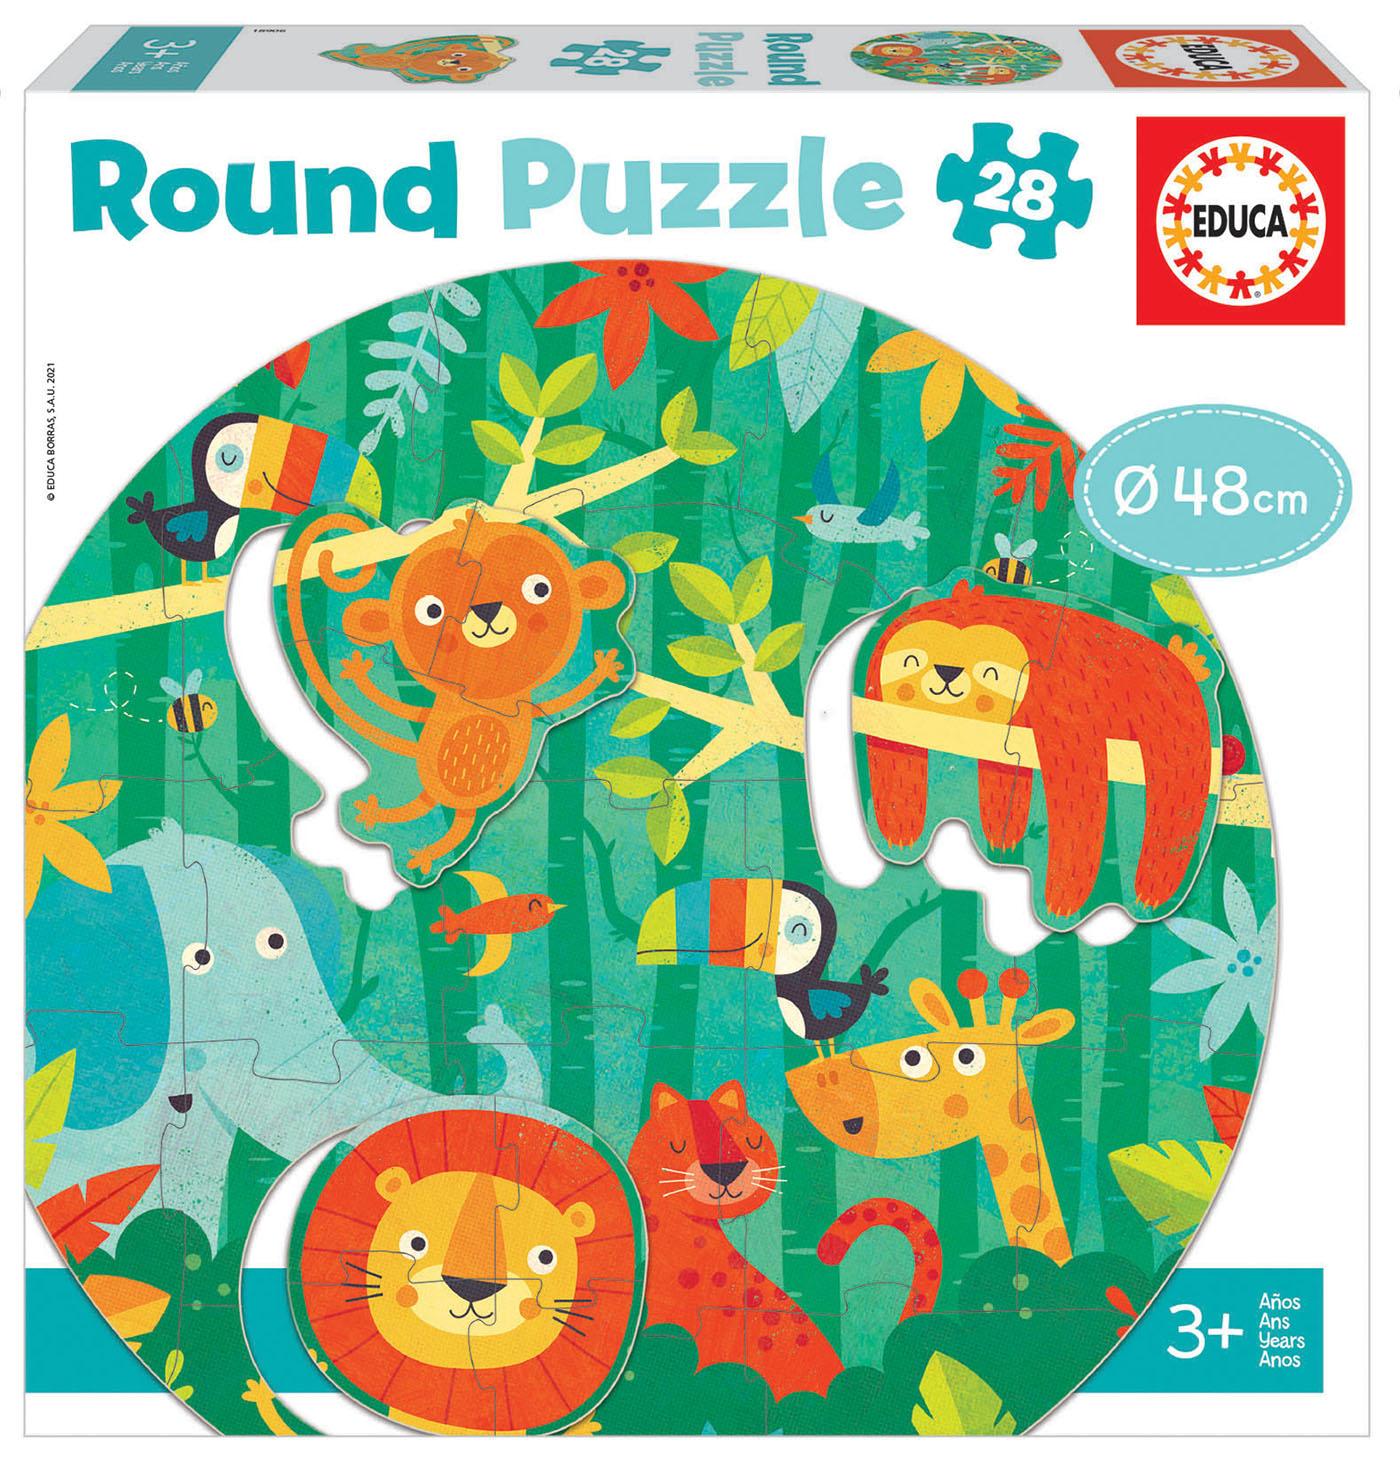 28 A selva Round Puzzle